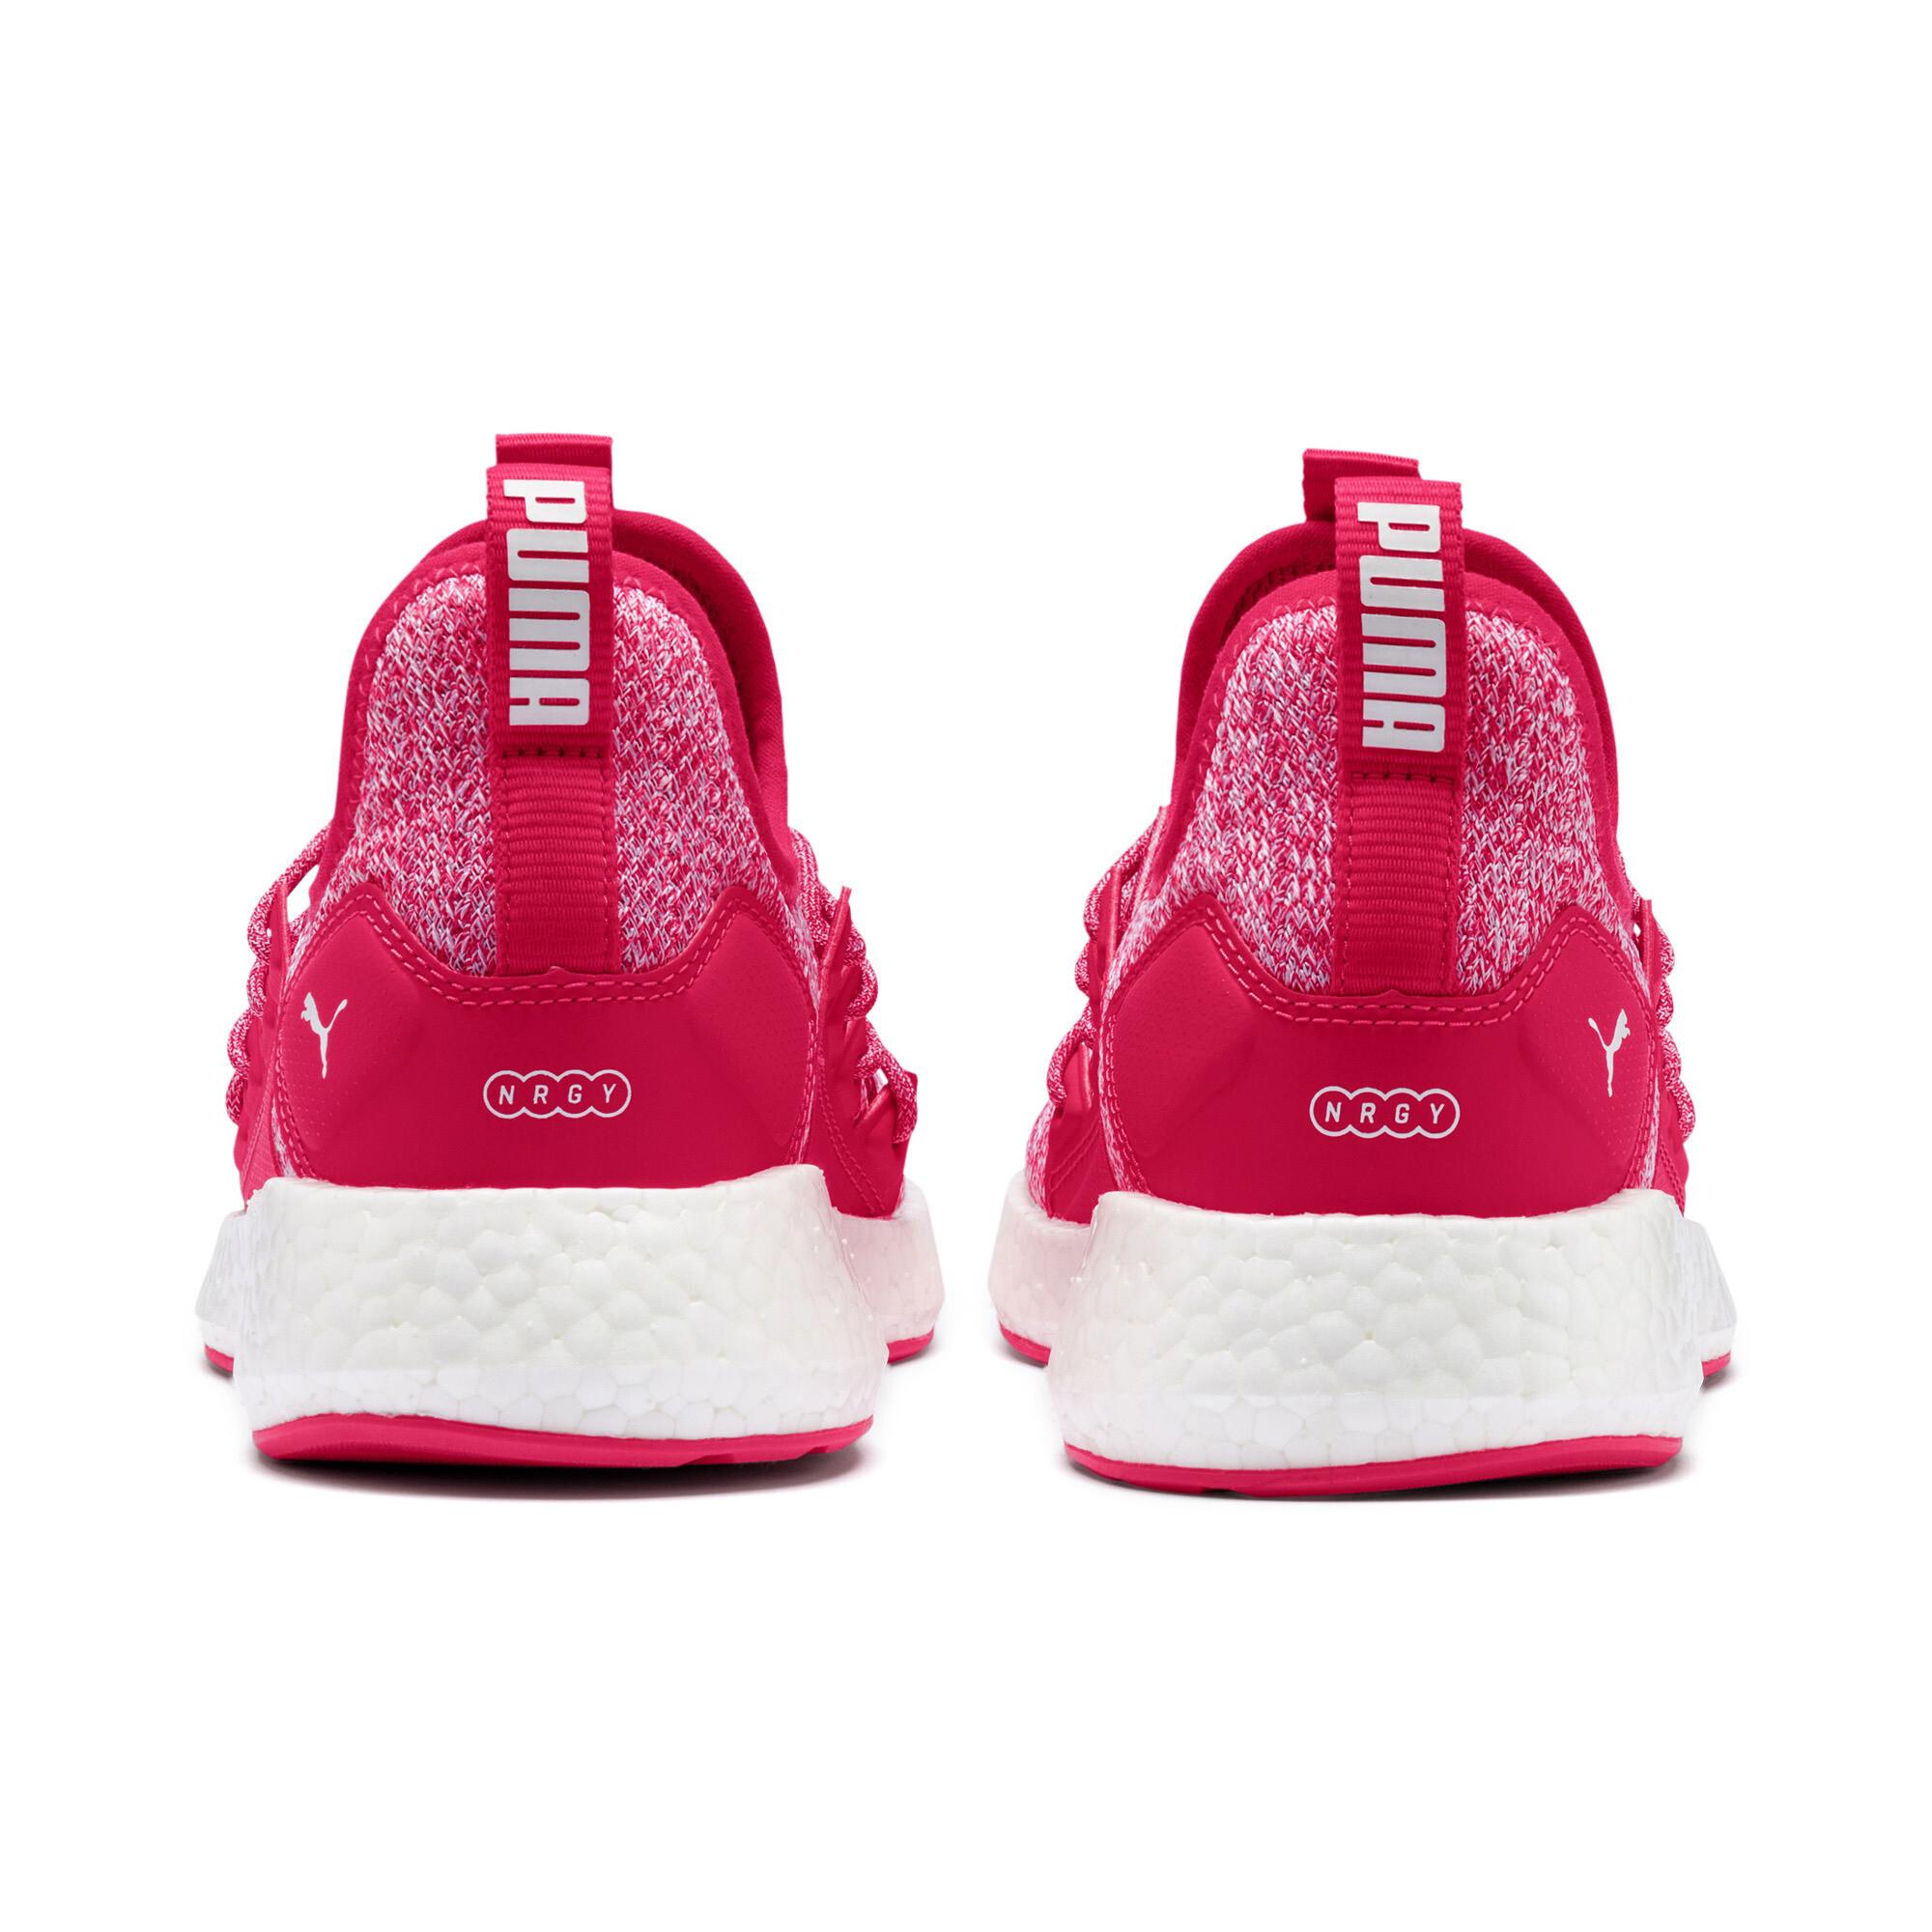 PUMA-Youth-NRGY-Neko-Knit-Running-Shoes thumbnail 9